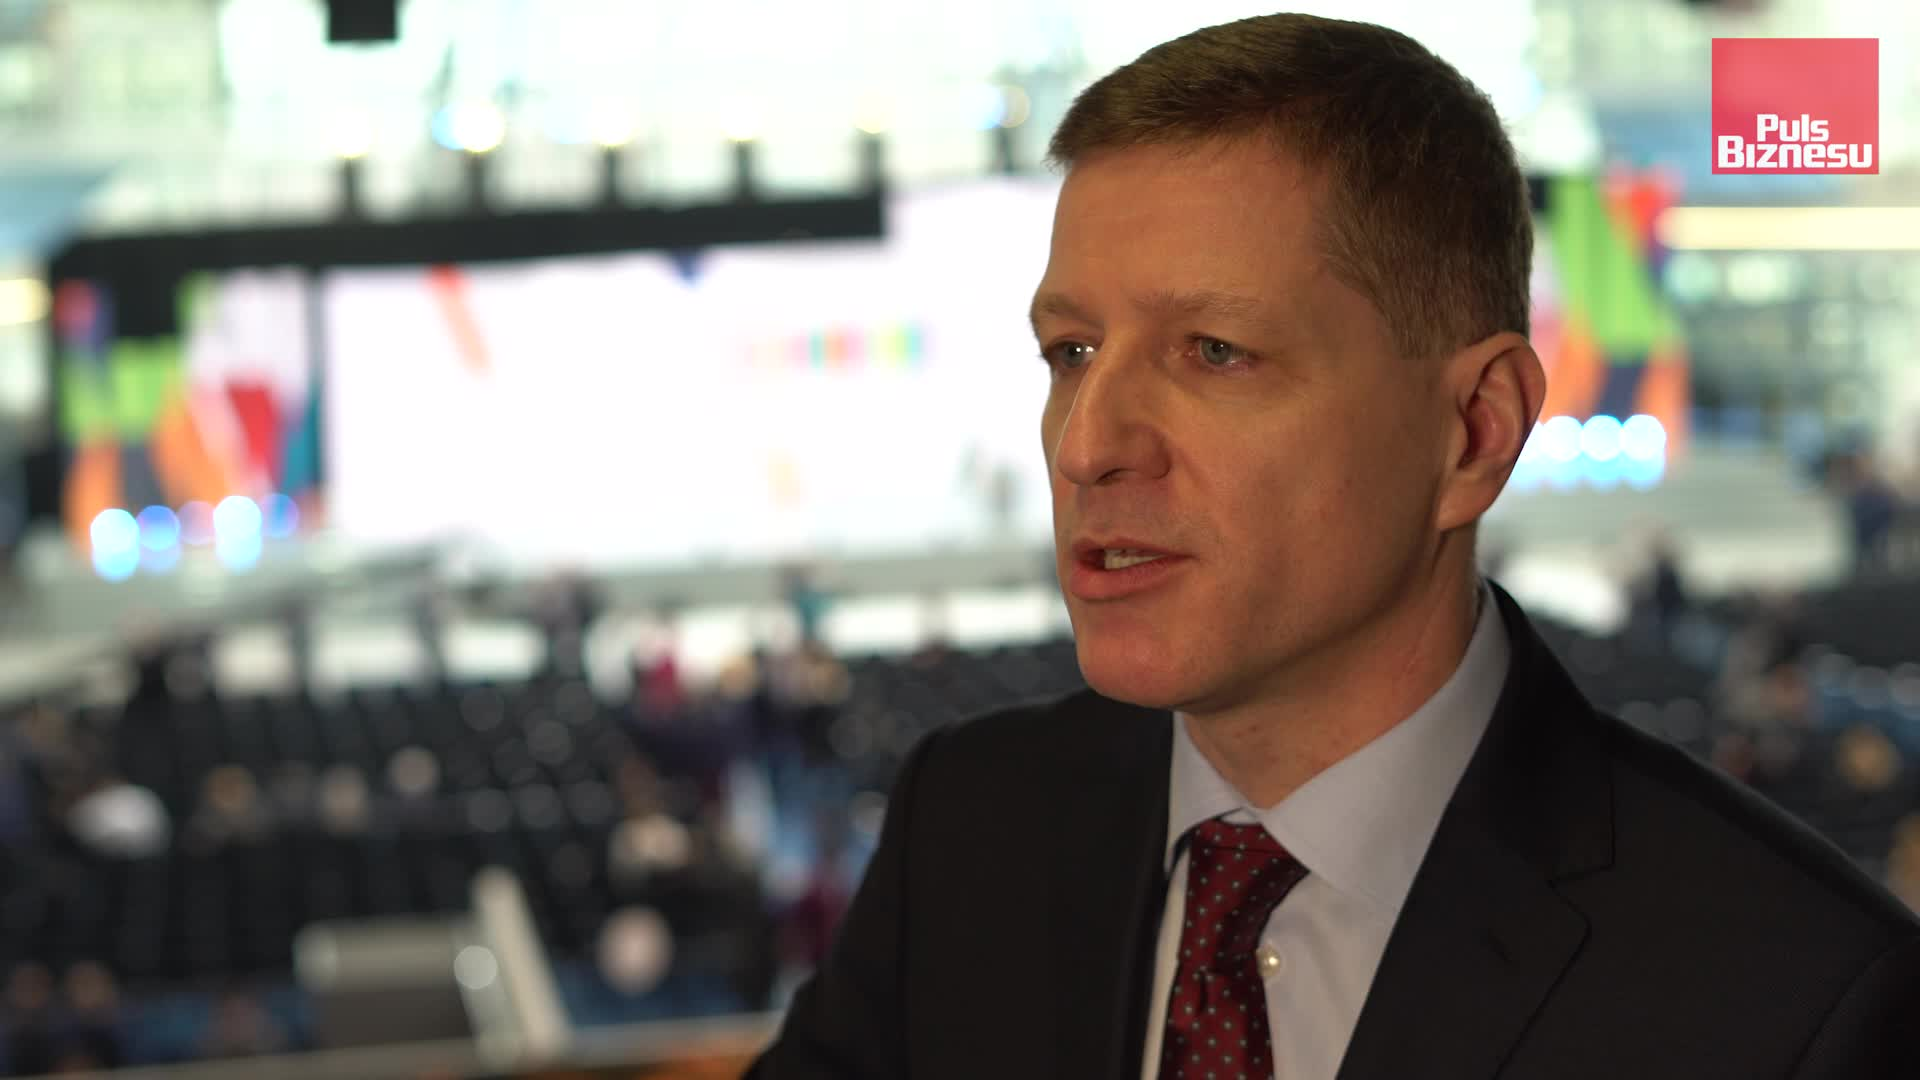 Orzech (PKP Energetyka): Kolej potrzebuje technologii cyfrowych